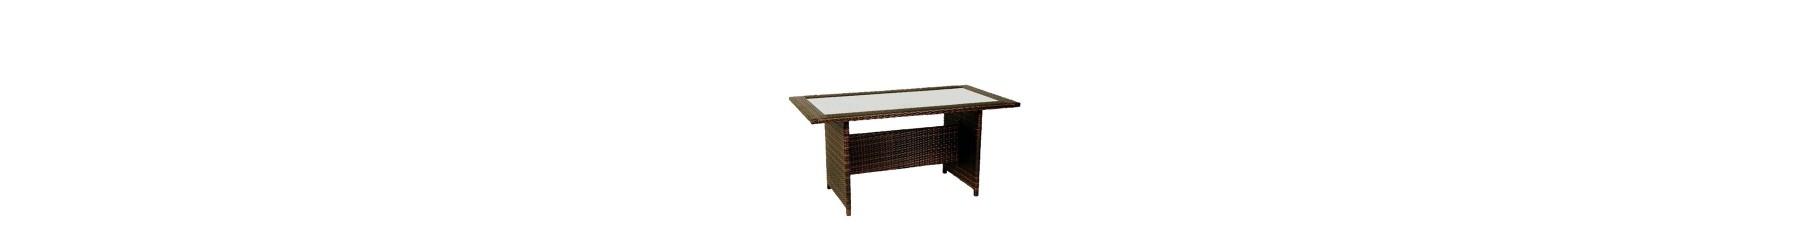 Τραπέζια κήπου και βεράντας με πλέξη Rattan-Wicker